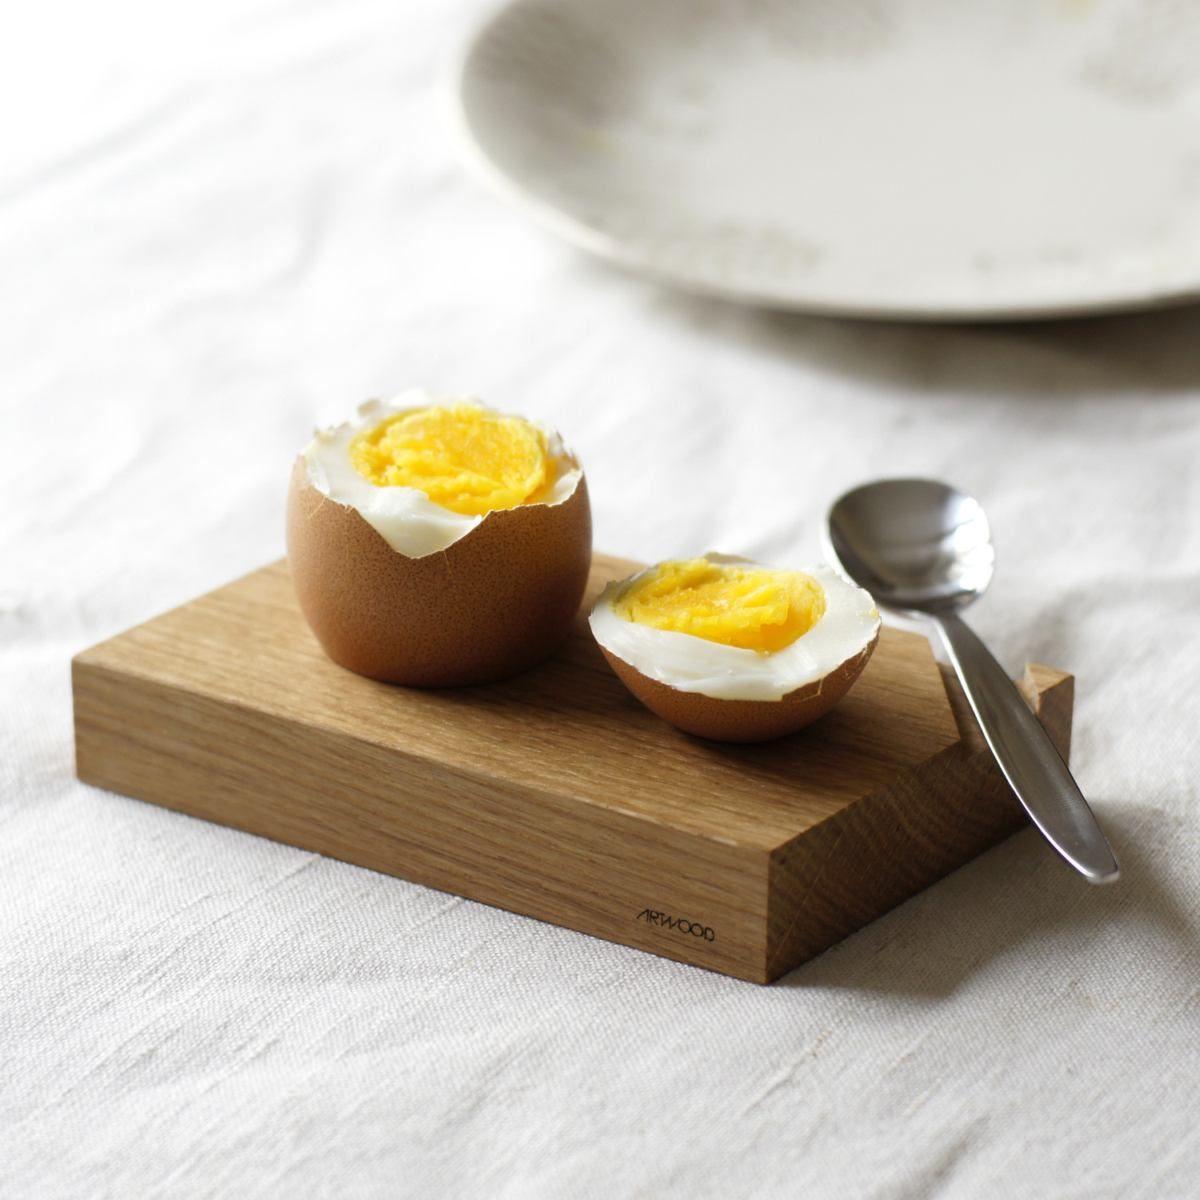 Eierbecher aus hellem Holz mit Löffel und Ablage für die Eierkuppe.